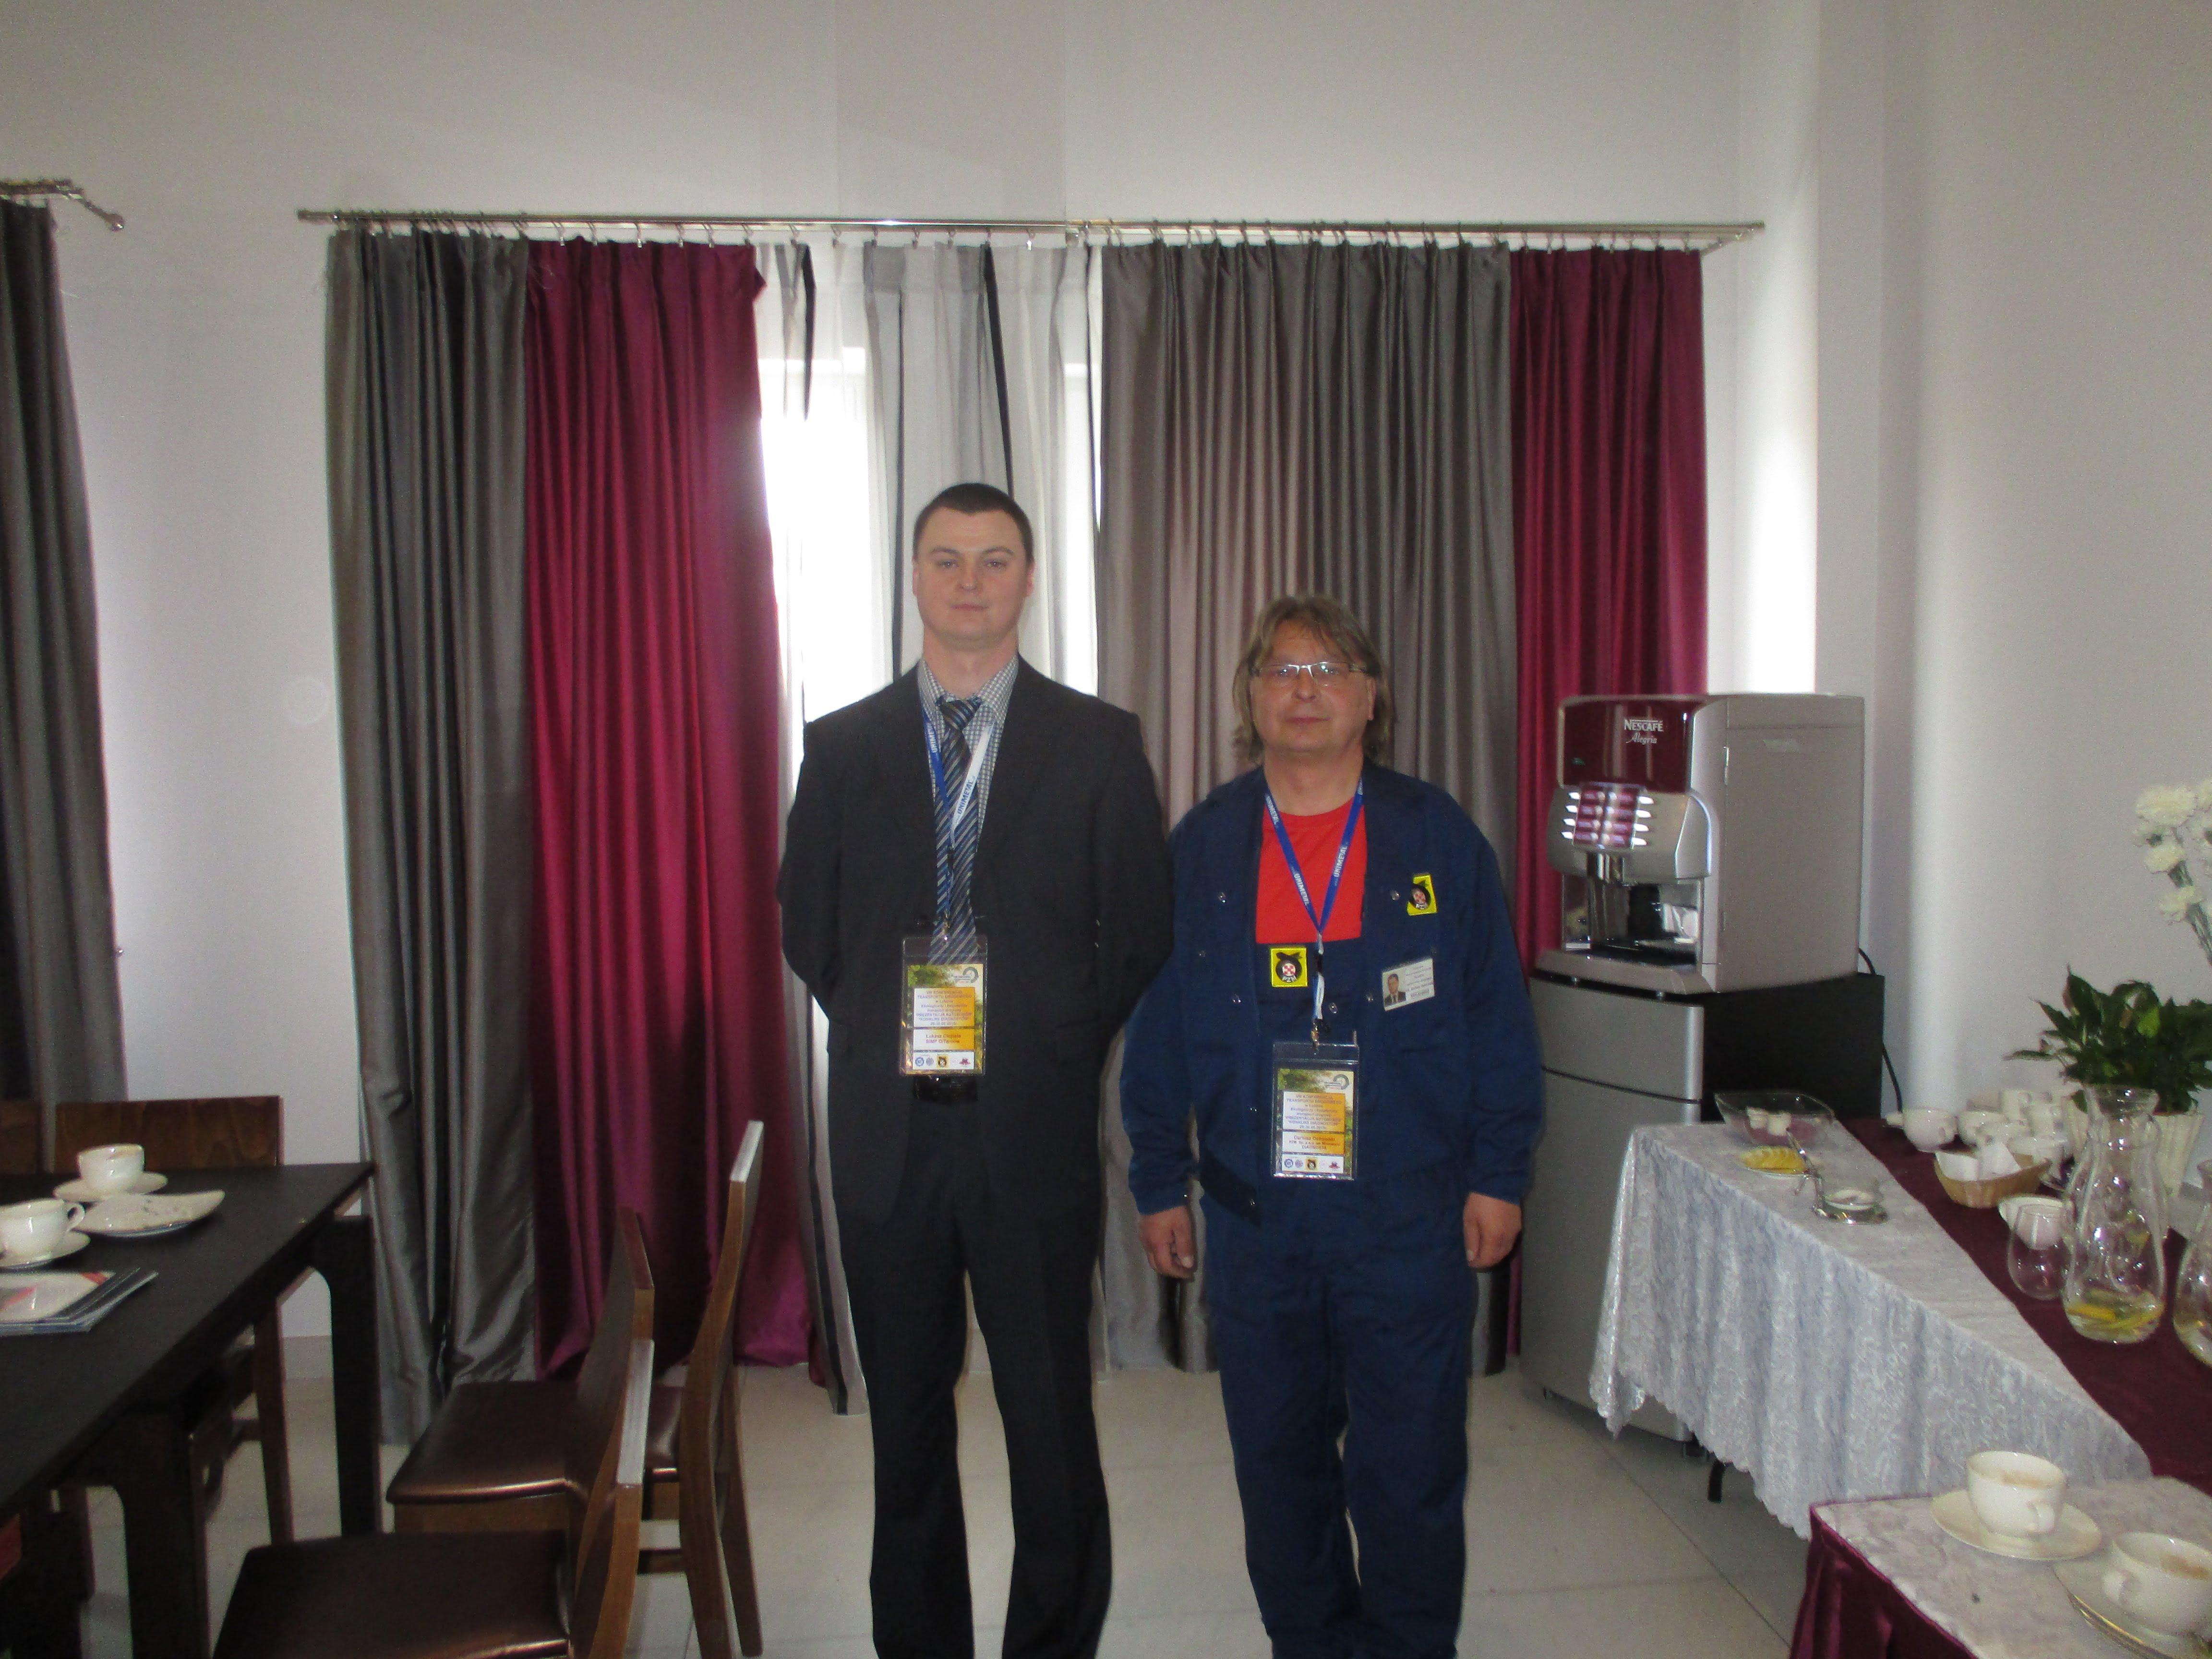 I Mistrz Diagnostyki - Kol. Łukasz Ciepiela z SIMP Tarnów (z lewej strony) oraz Kol. Dariusz Ostrowski z PZM-ot OZDG Wrocław (z prawej strony) po oficjalnym ogłoszeniu wyników.